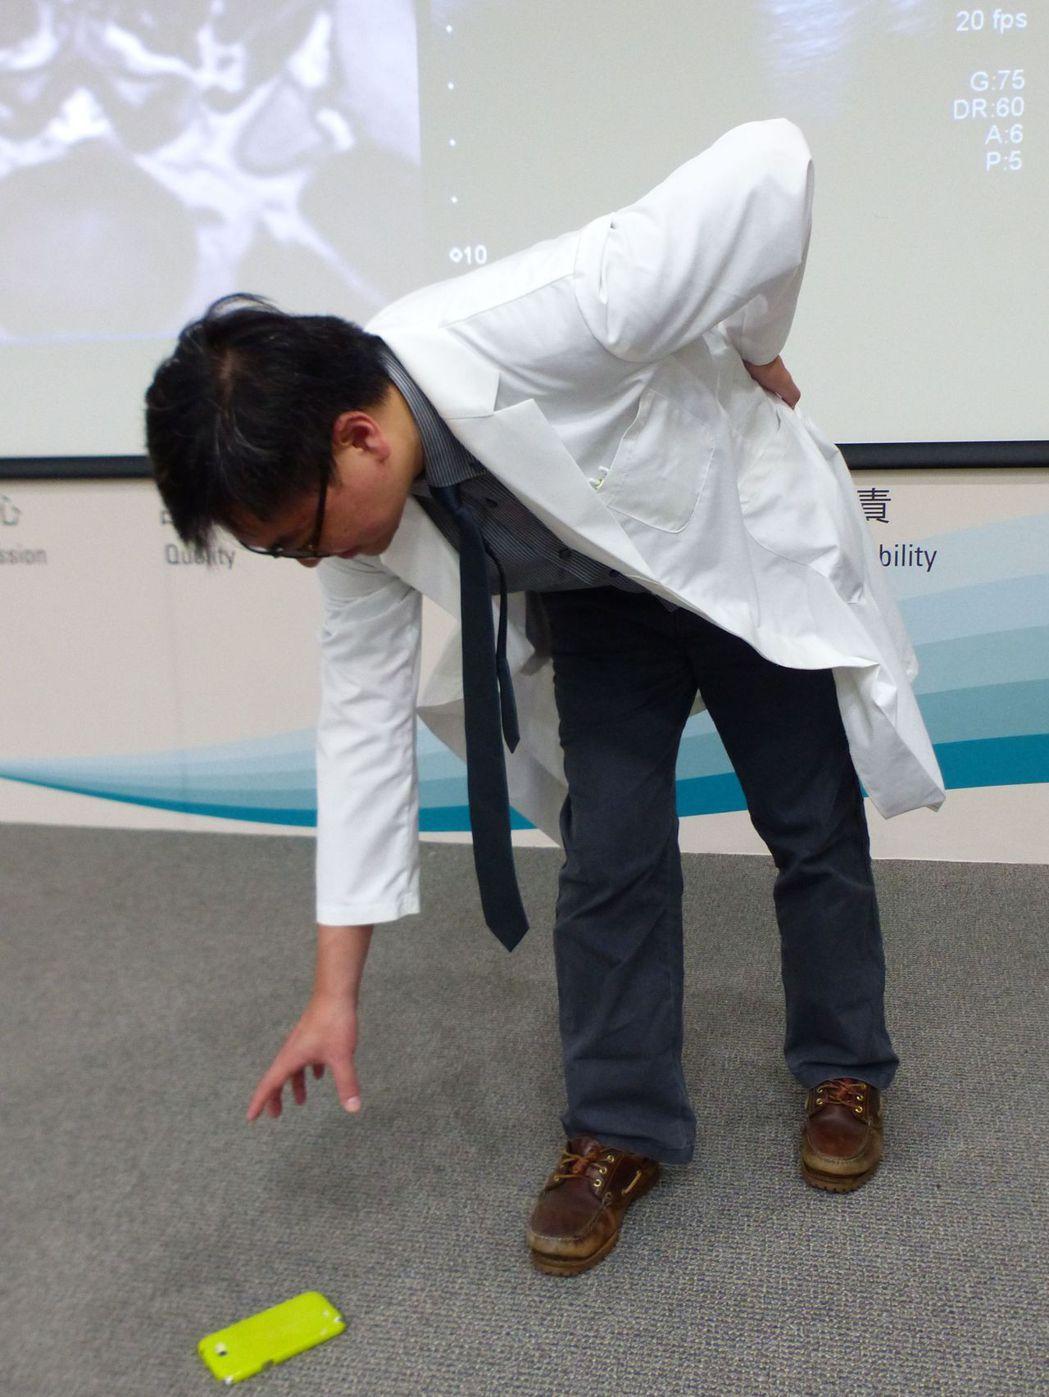 醫師蔡昇亨示範,民眾常因扭腰、彎腰拿手機造成腰椎受傷。記者趙容萱/攝影